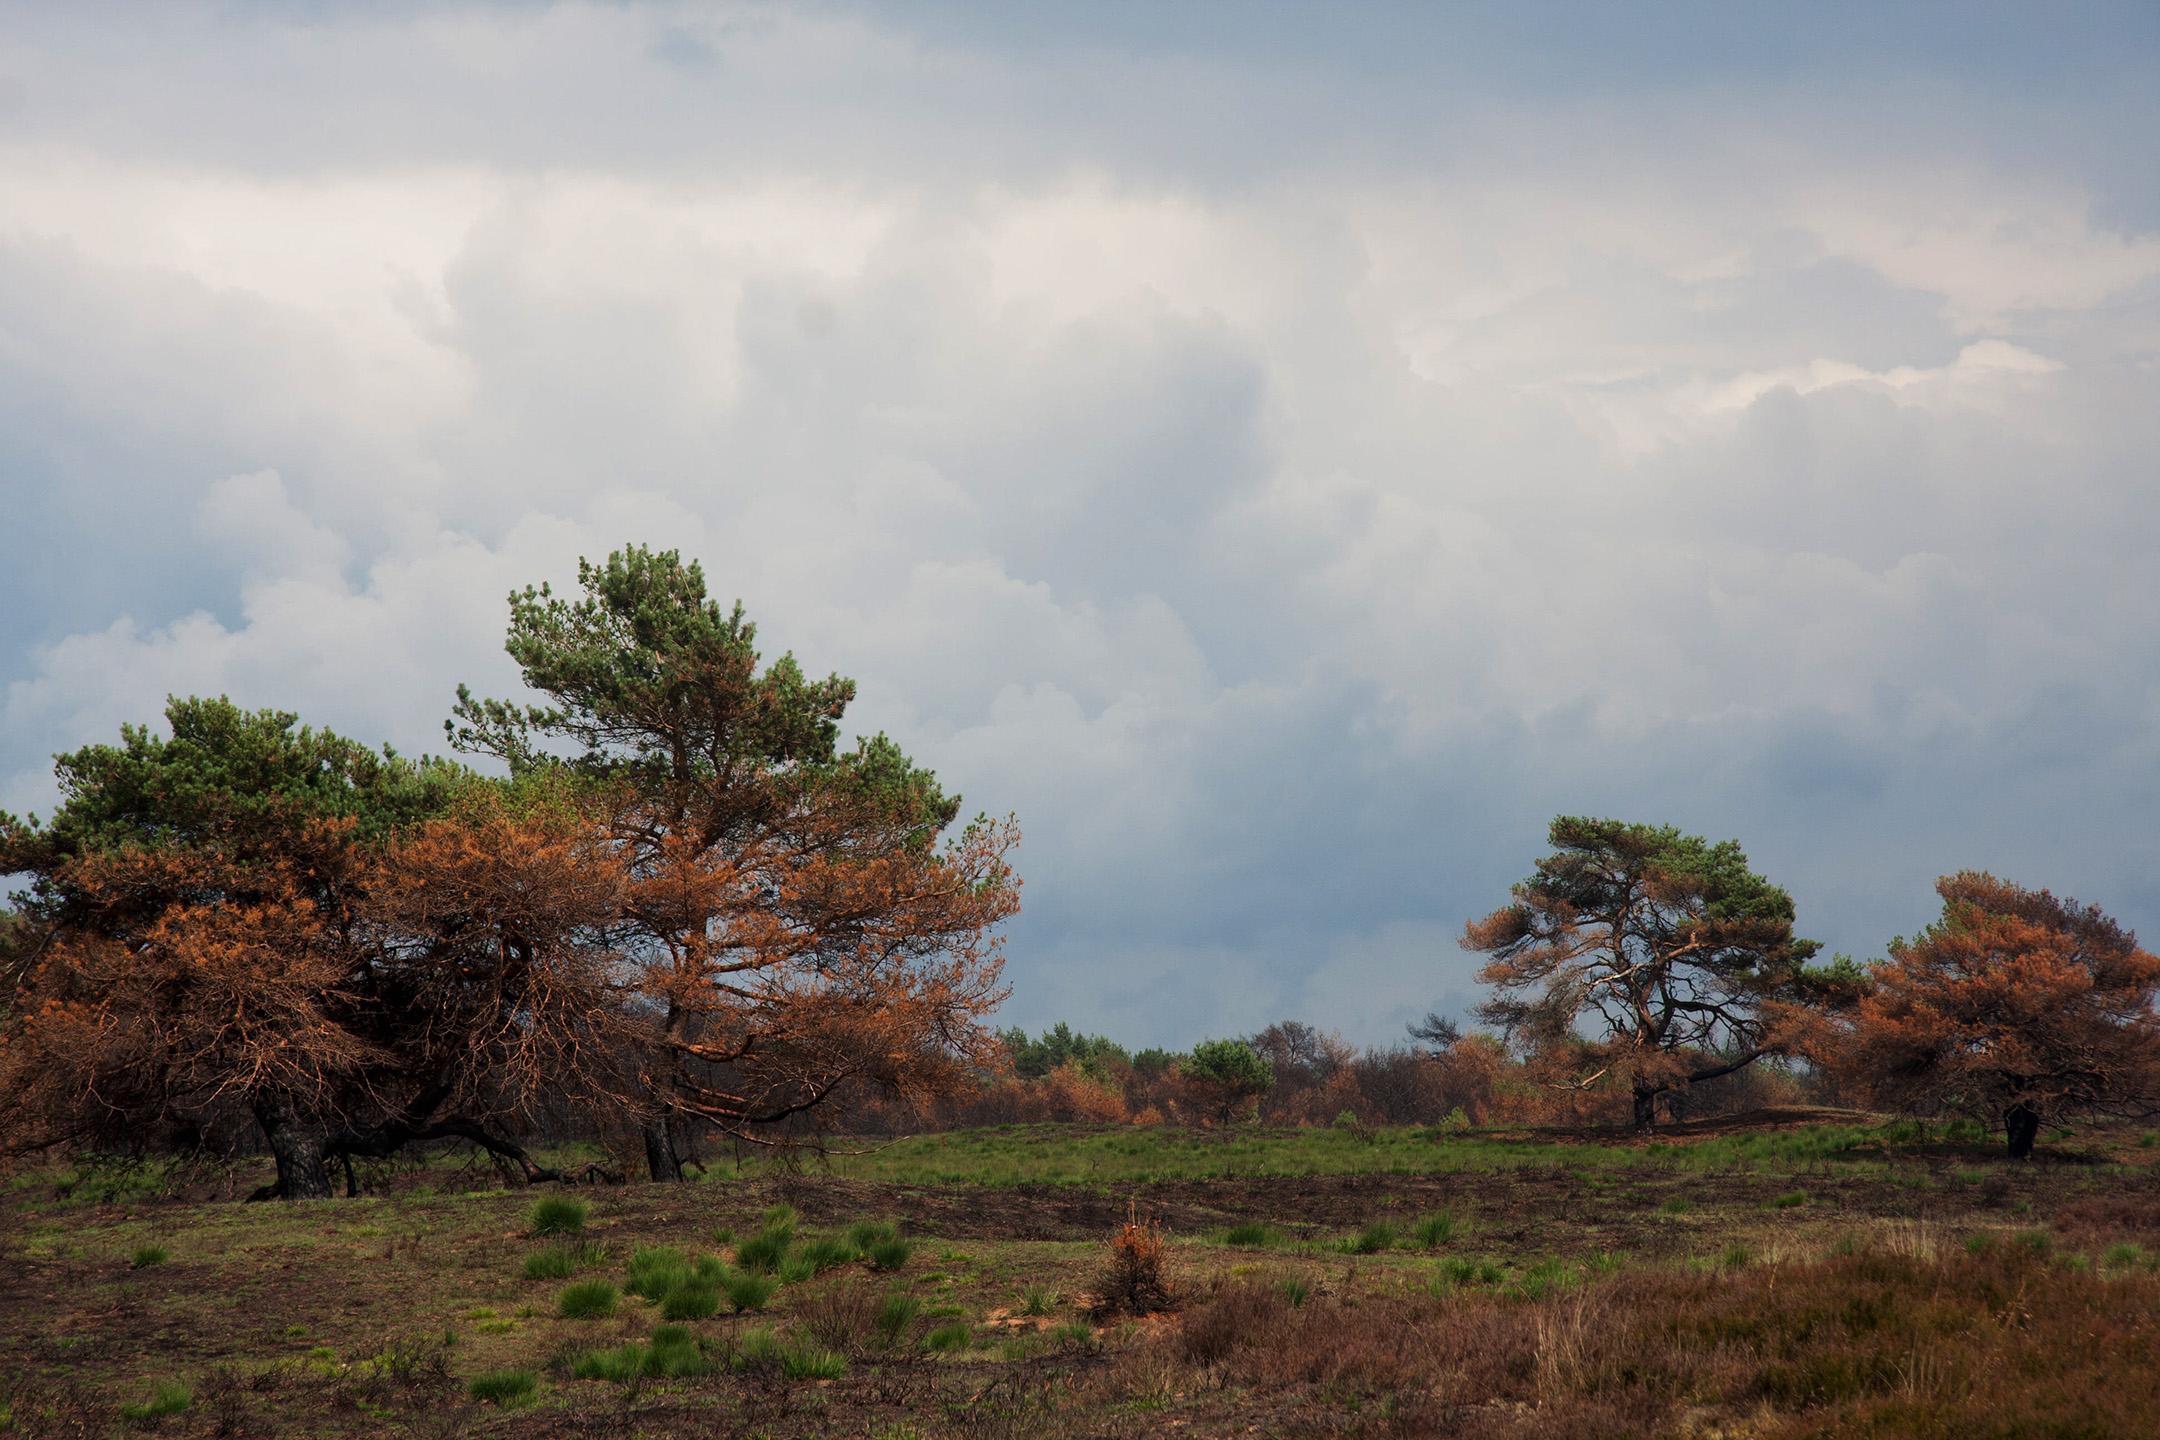 Uitzicht op rustgebied Lijkweg/Middenzand enkele weken na de brand in 2014 - Foto: Yvonne Arentzen]